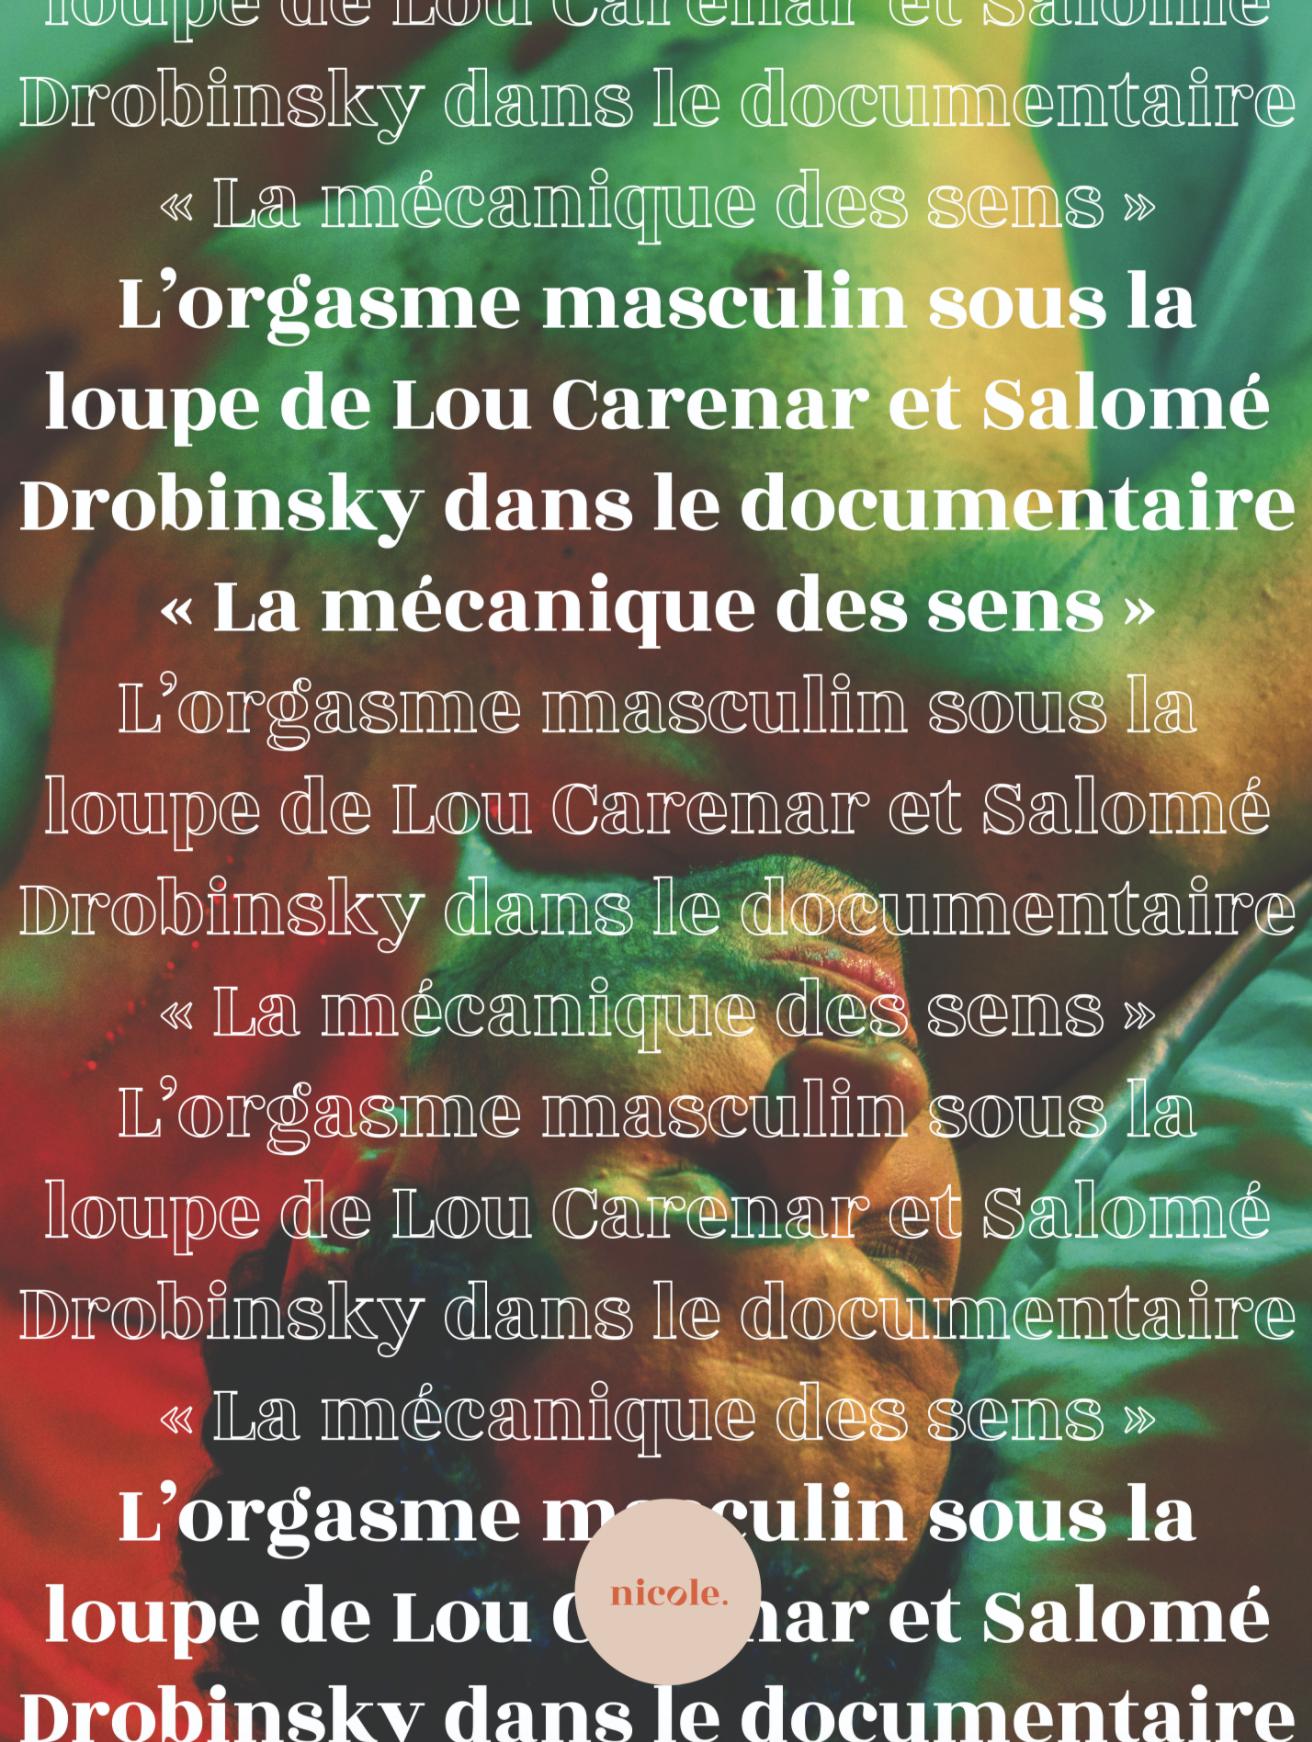 L'ORGASME MASCULIN SOUS LA LOUPE DE LOU CARENAR ET SALOMÉ DROBINSKY DANS LE DOCUMENTAIRE « LA MÉCANIQUE DES SENS »